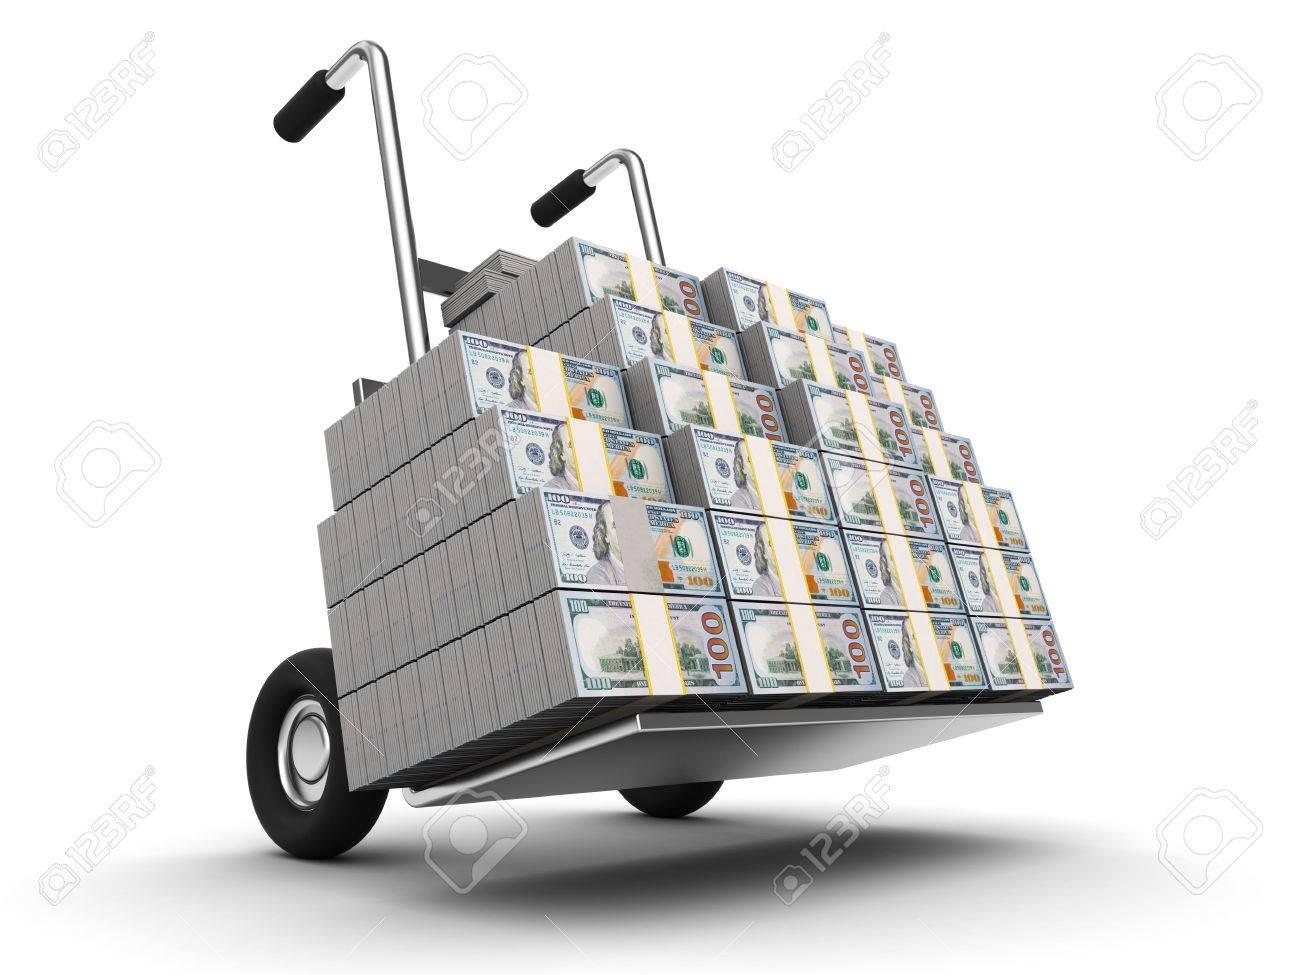 3d Illustration Of Truck Full Of Money, Over White Background Stock ...